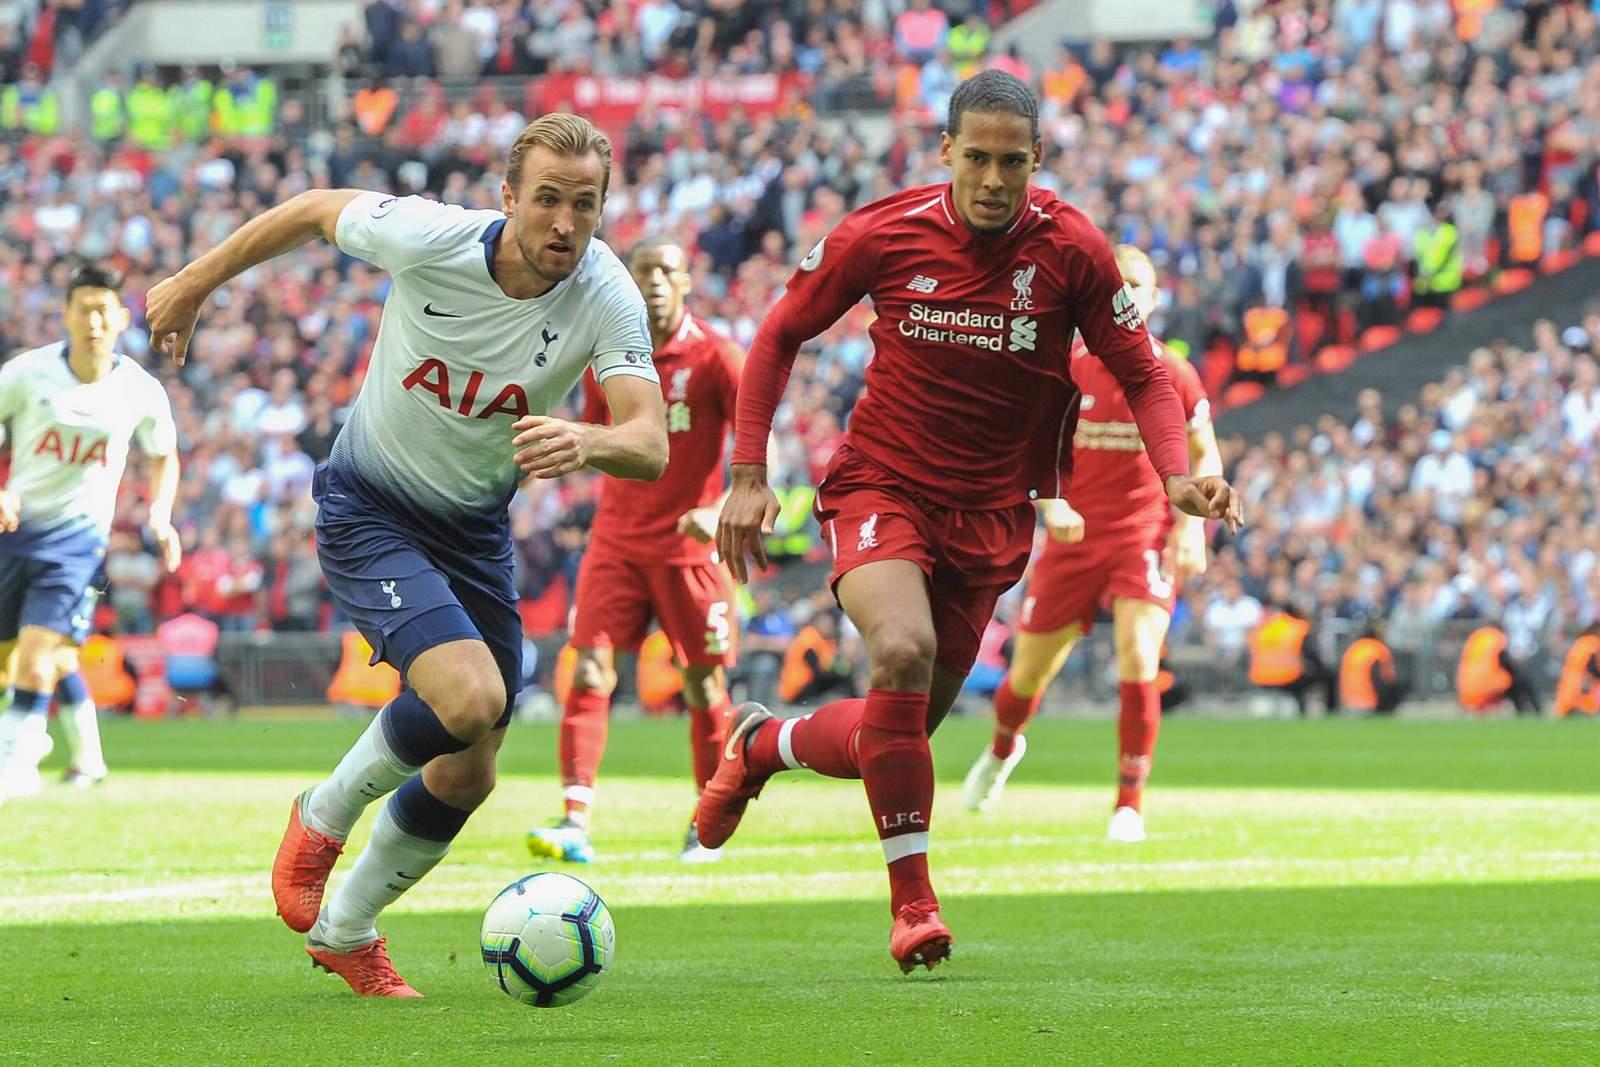 Setzt sich Kane gegen Van Dijk durch? Jetzt auf Tottenham gegen Liverpool wetten